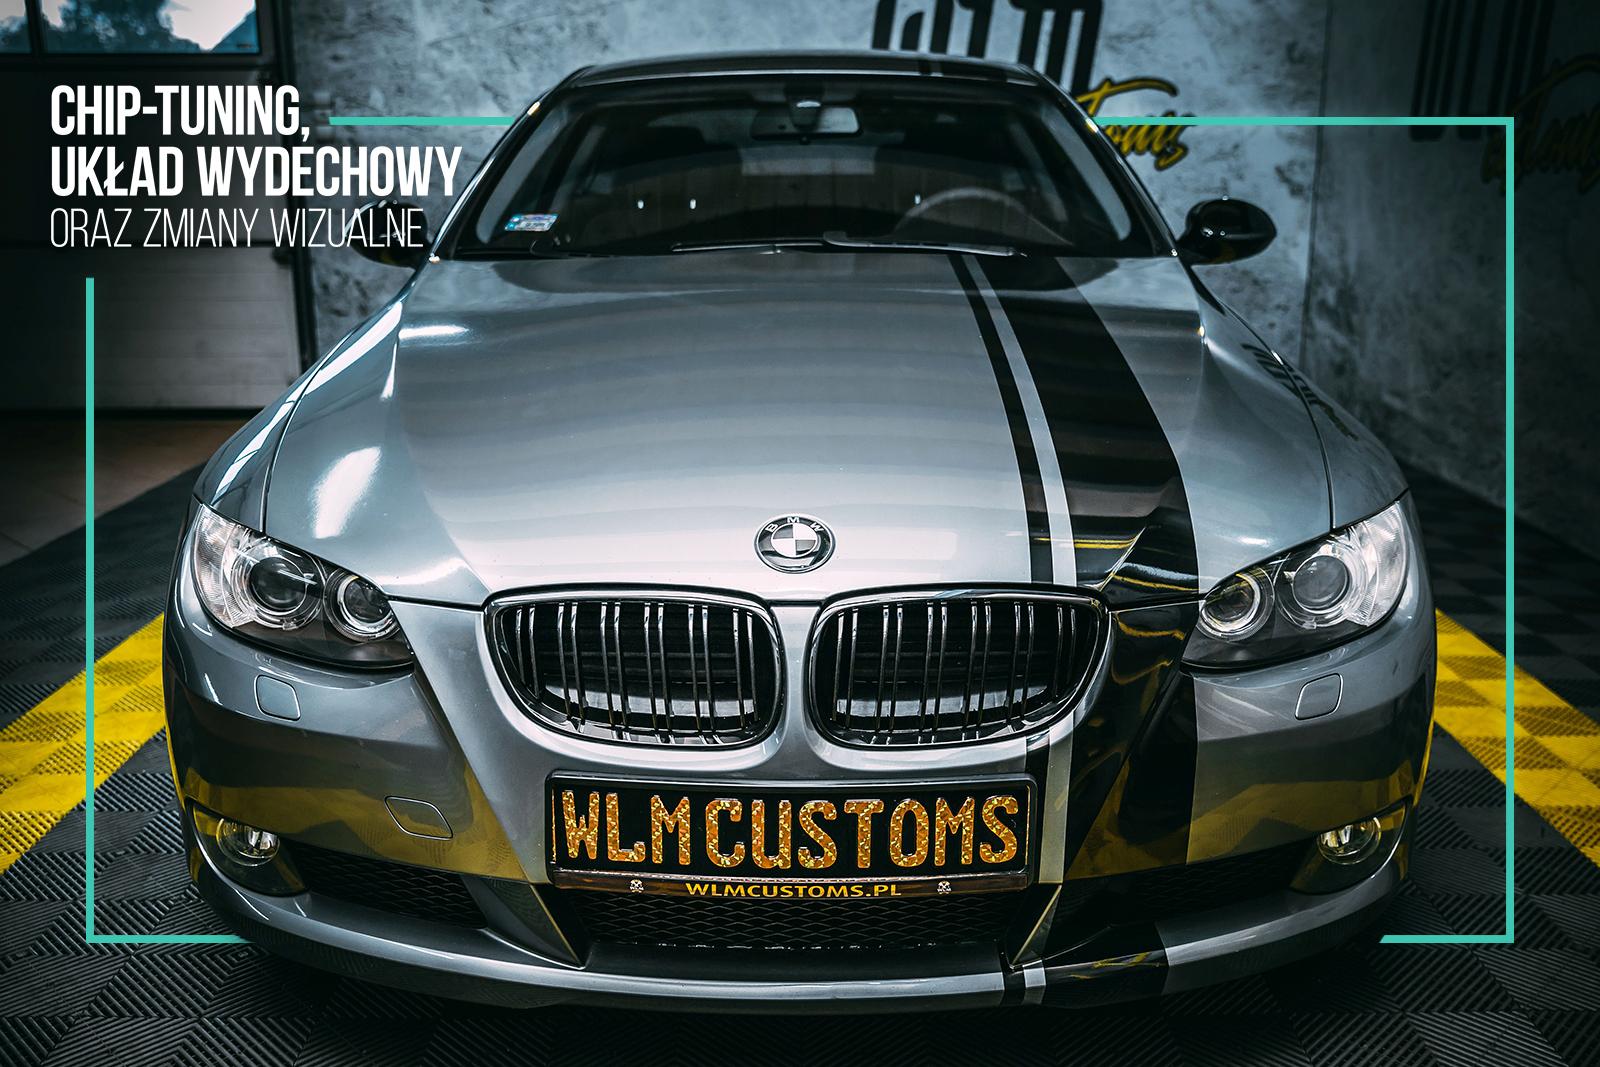 BMW 3 E92 - Chip tuning oraz kompleksowa przemiana